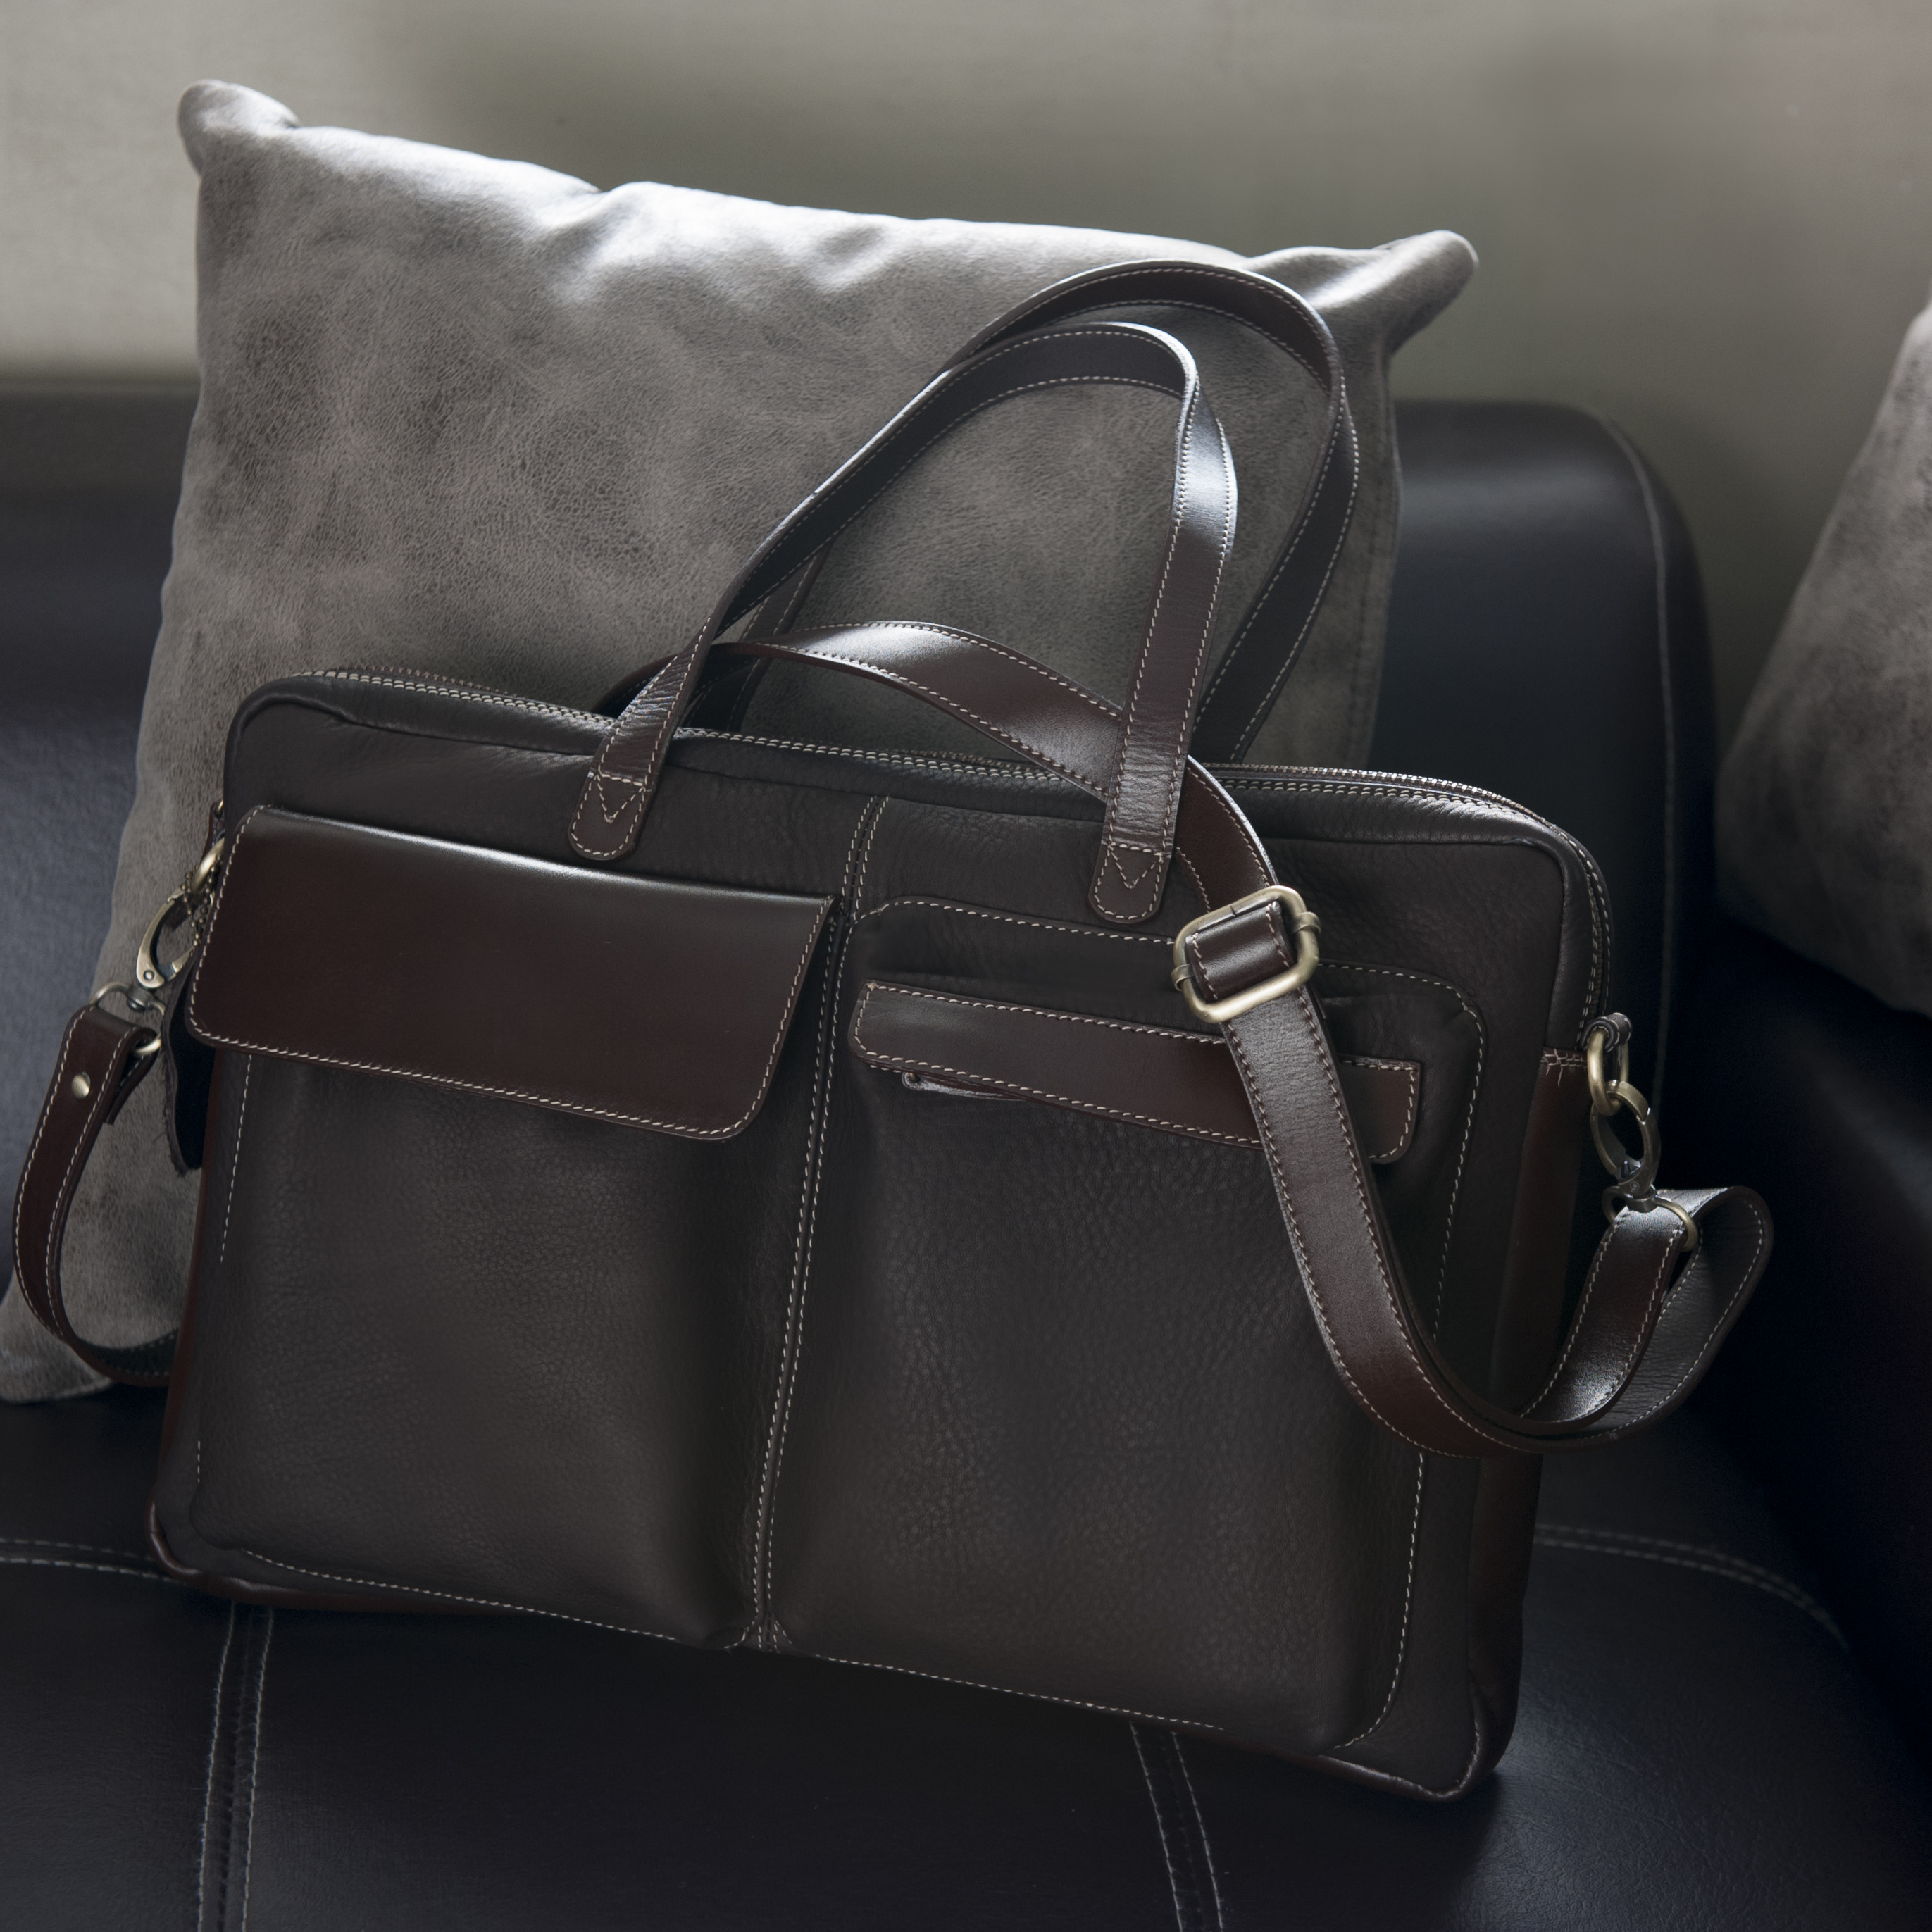 SL158 กระเป๋าสะพายหนังแท้ใส่เอกสาร แล็ปท็อป พร้อมซิปด้านบน